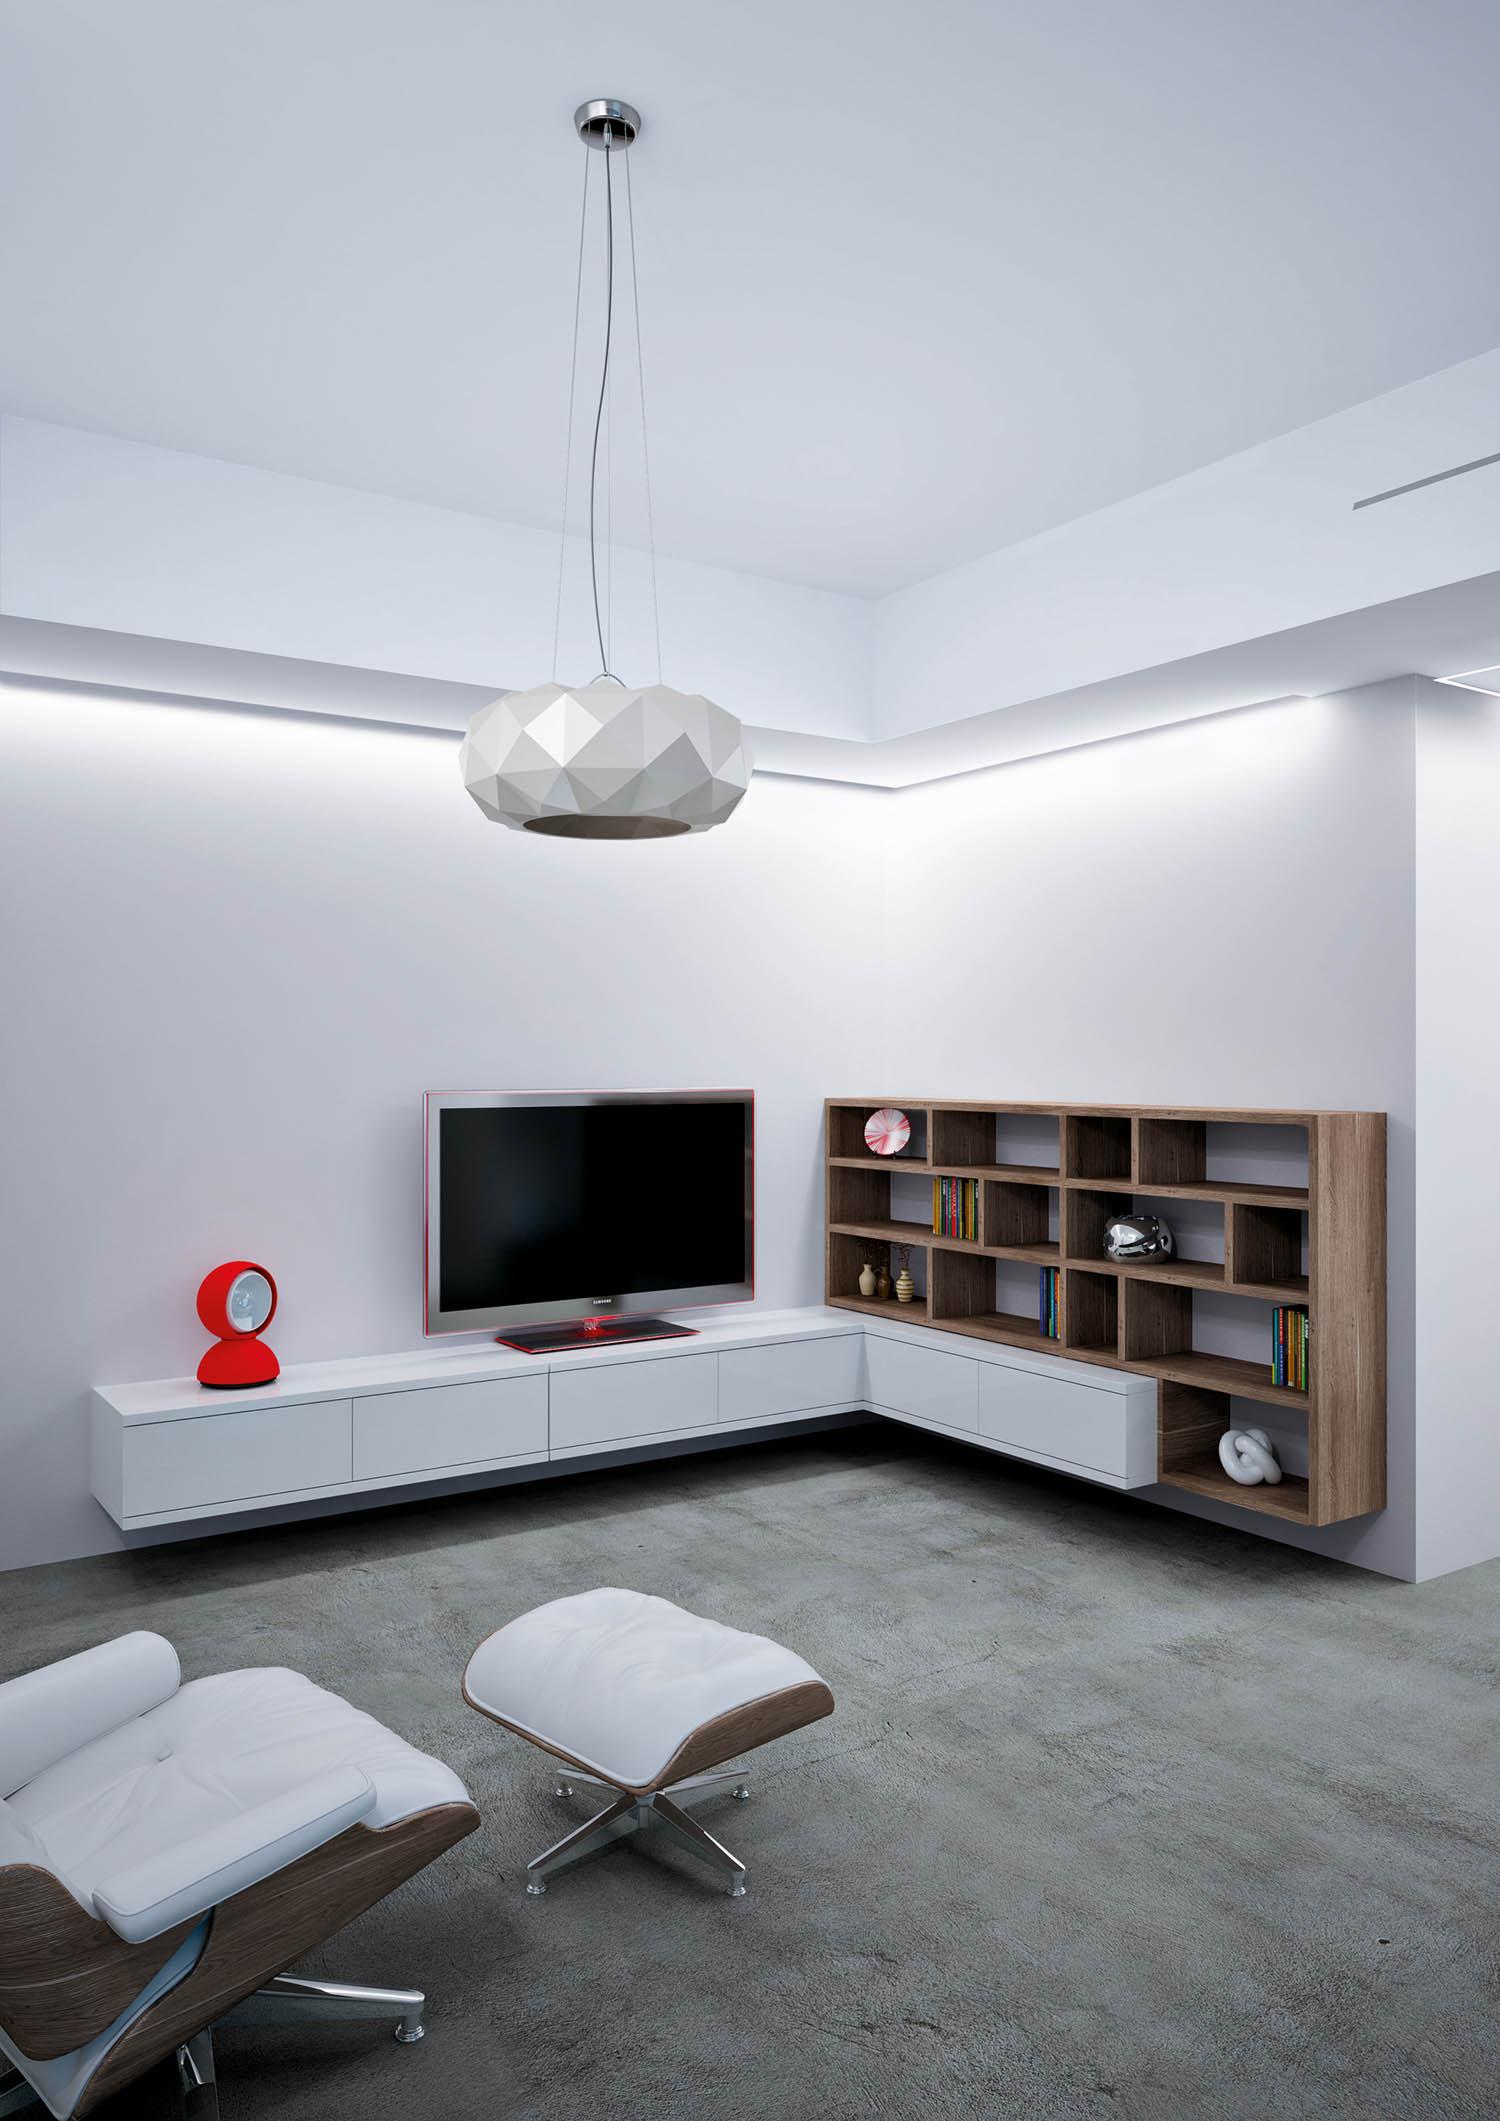 """Terno Scorrevoli, Switch sliding system for """"in-line"""" cabinet doors, courtesy of Terno Scorrevoli"""